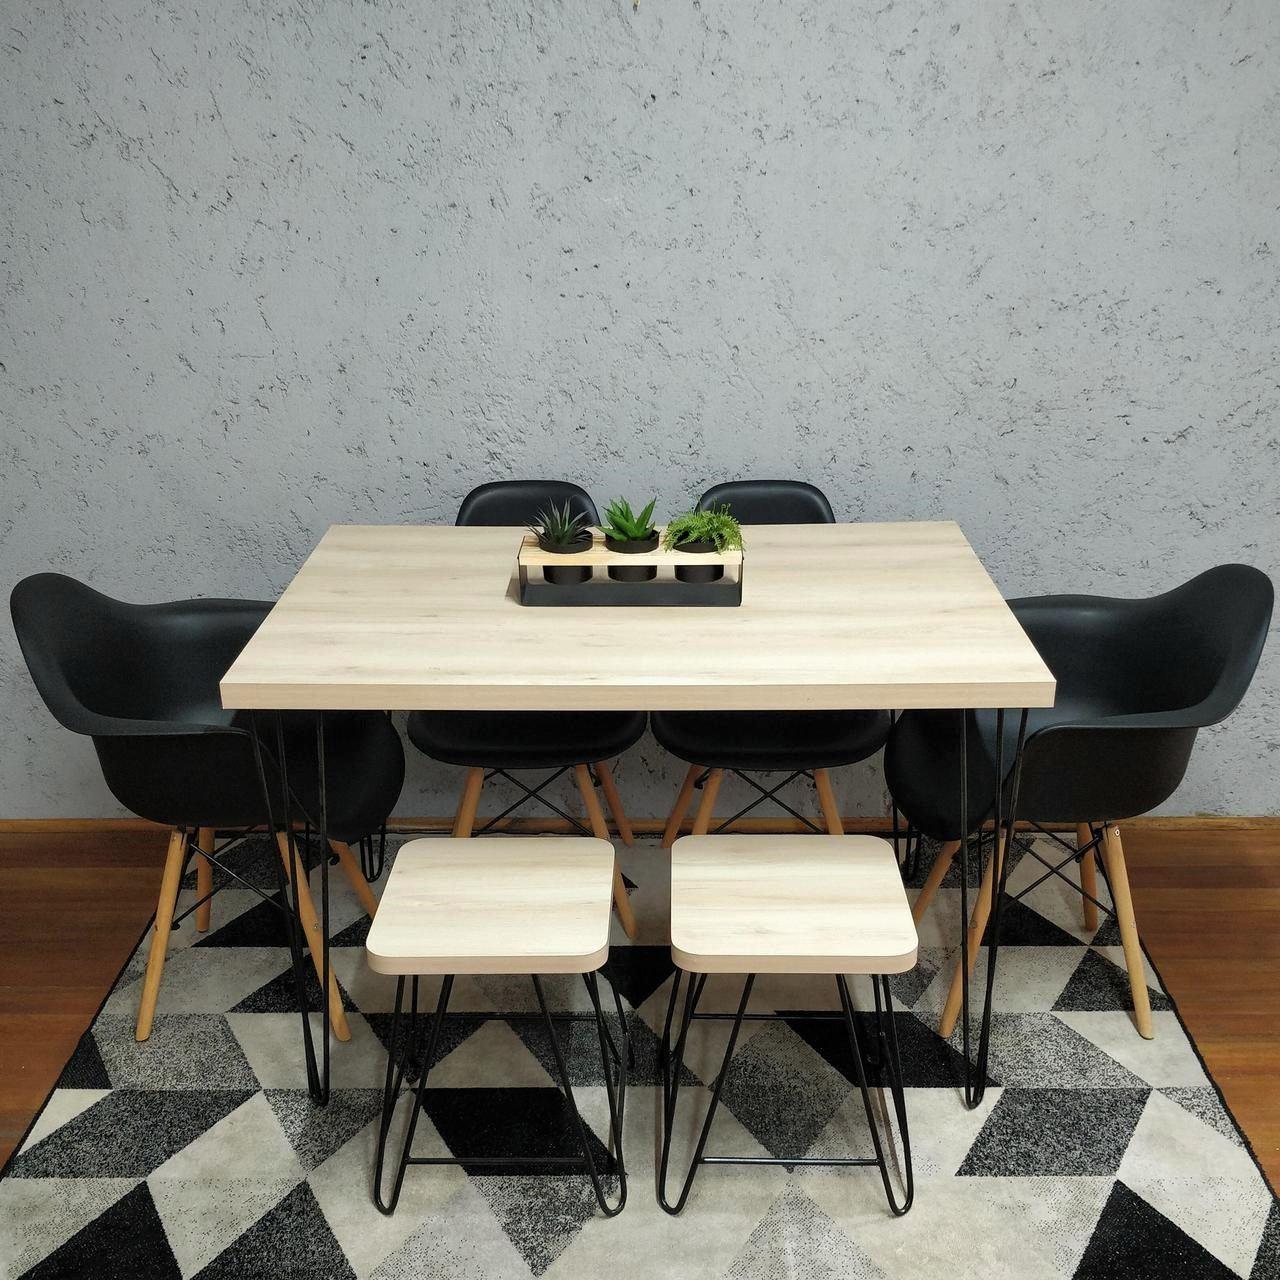 Mesa de Jantar com 2 Banquinhos Faia com Hairpin Legs e Tampo 100% MDF  - Mtne Store